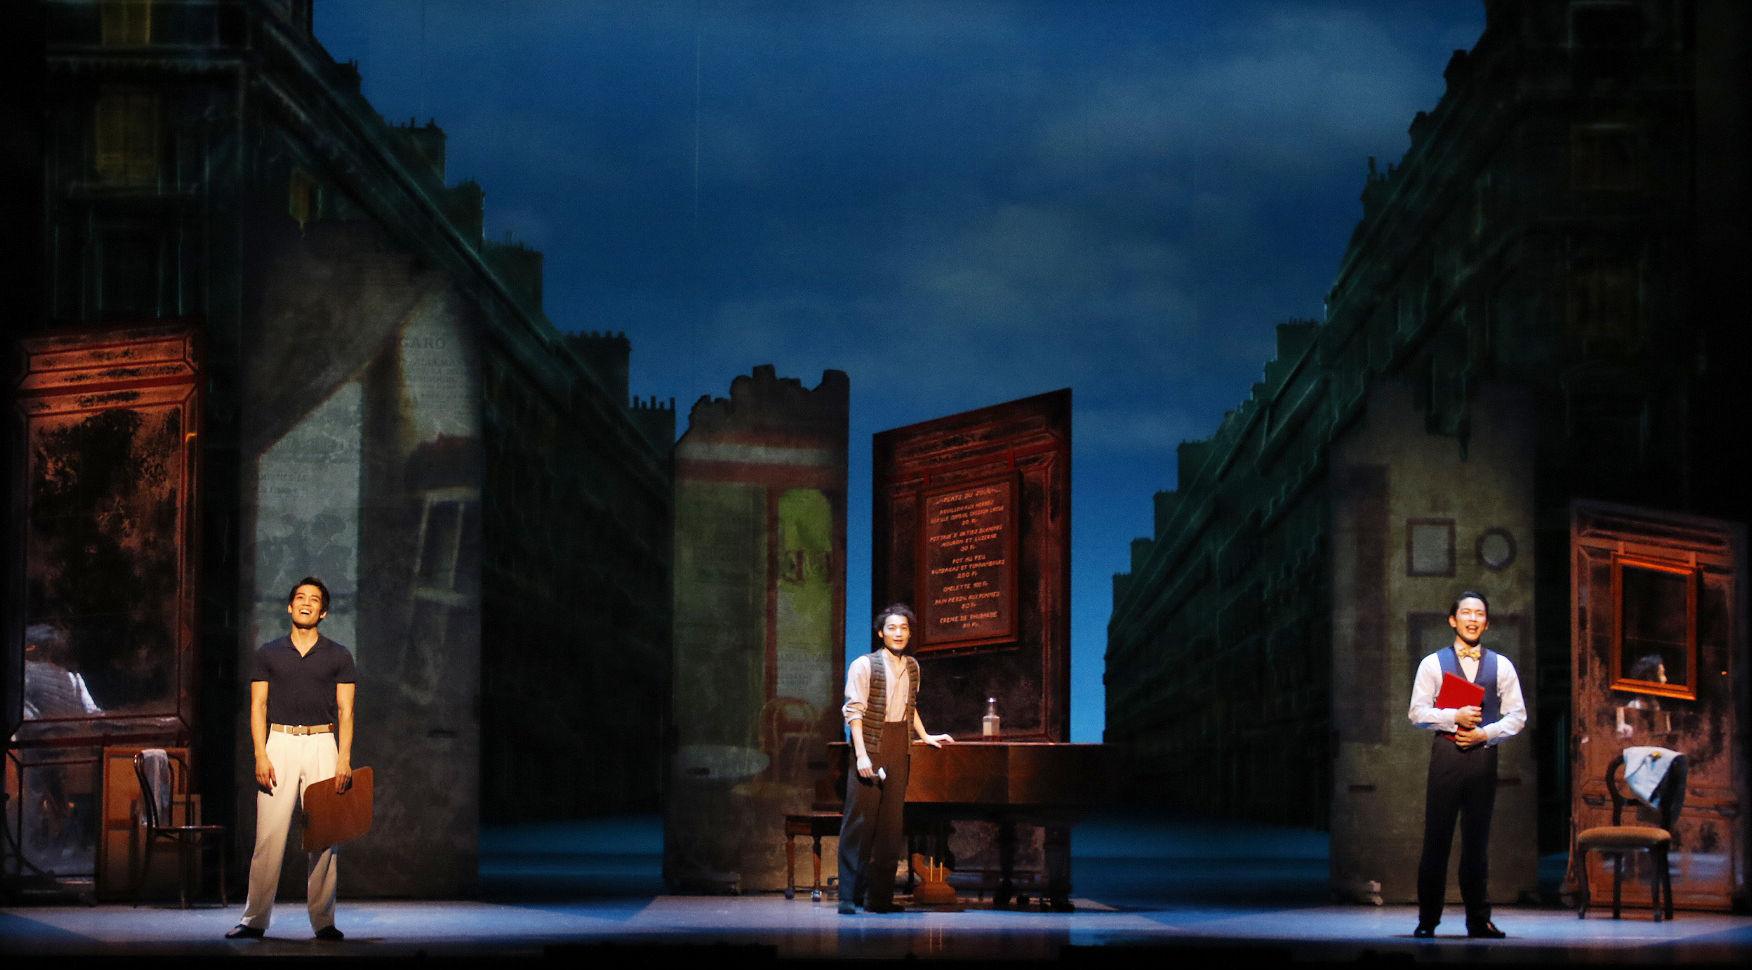 劇団四季『パリのアメリカ人』(左から酒井、斎藤、小林)